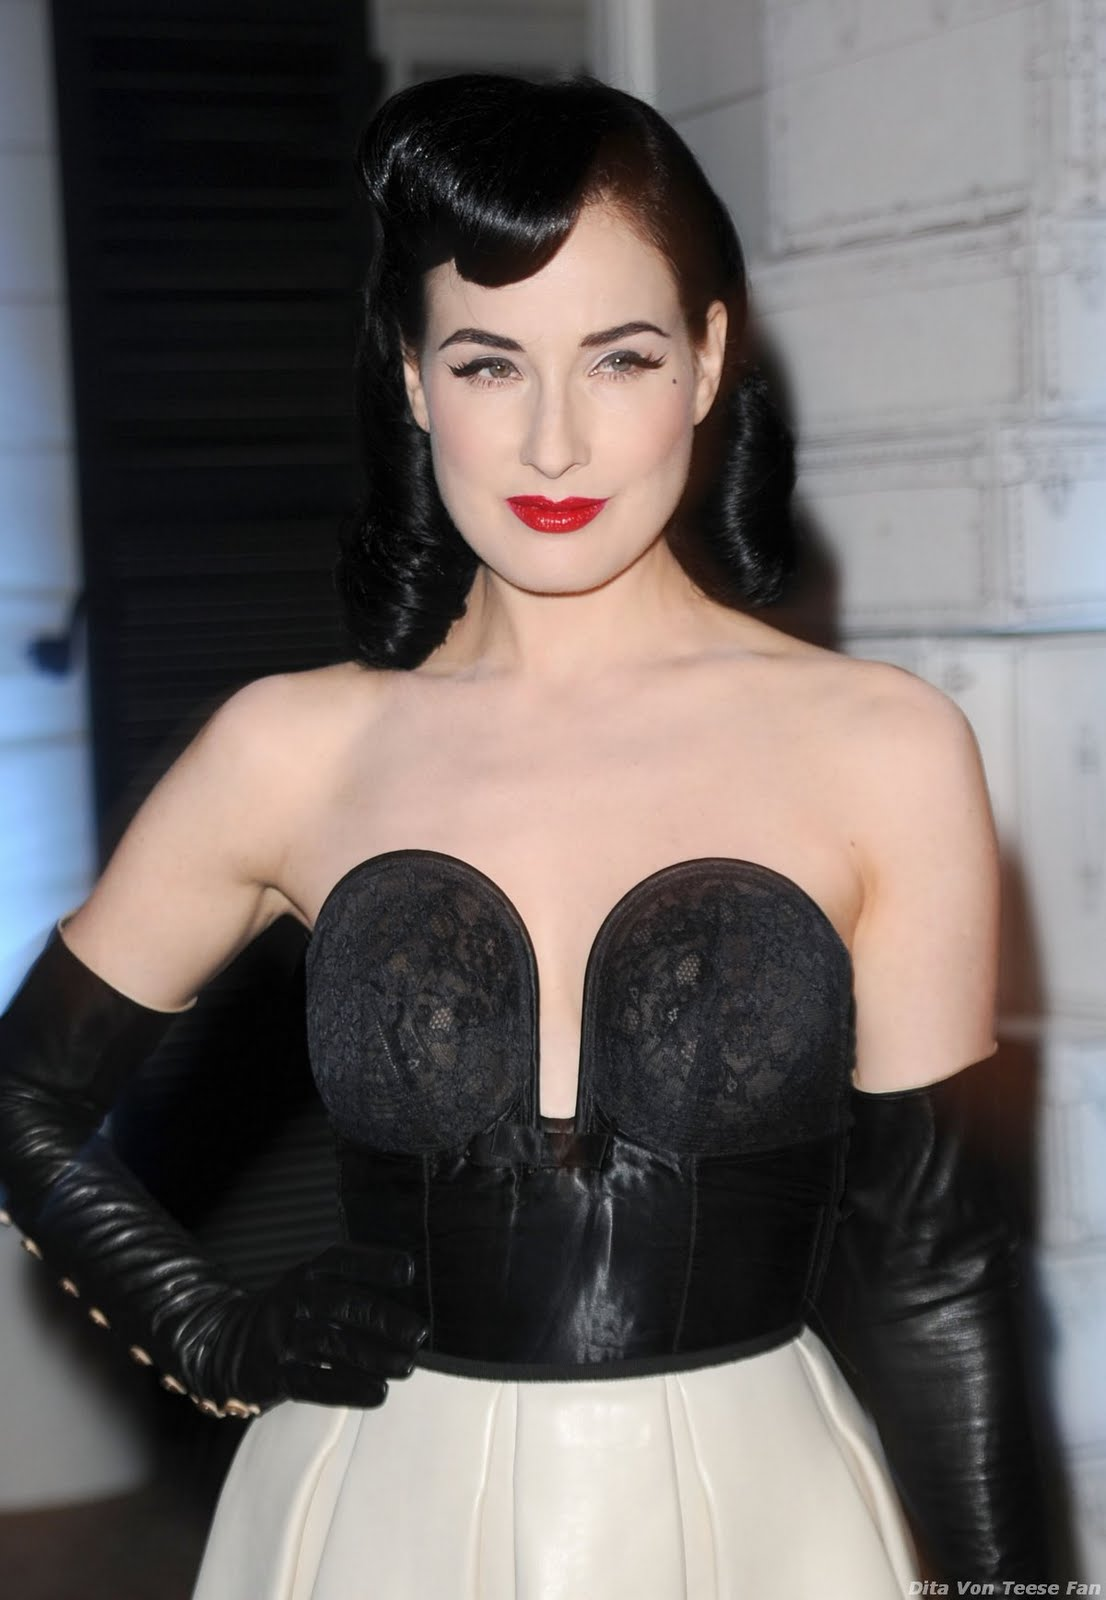 leather fasyen: Dita Von Teese - Leather 14 (UHQ) Dita Von Teese